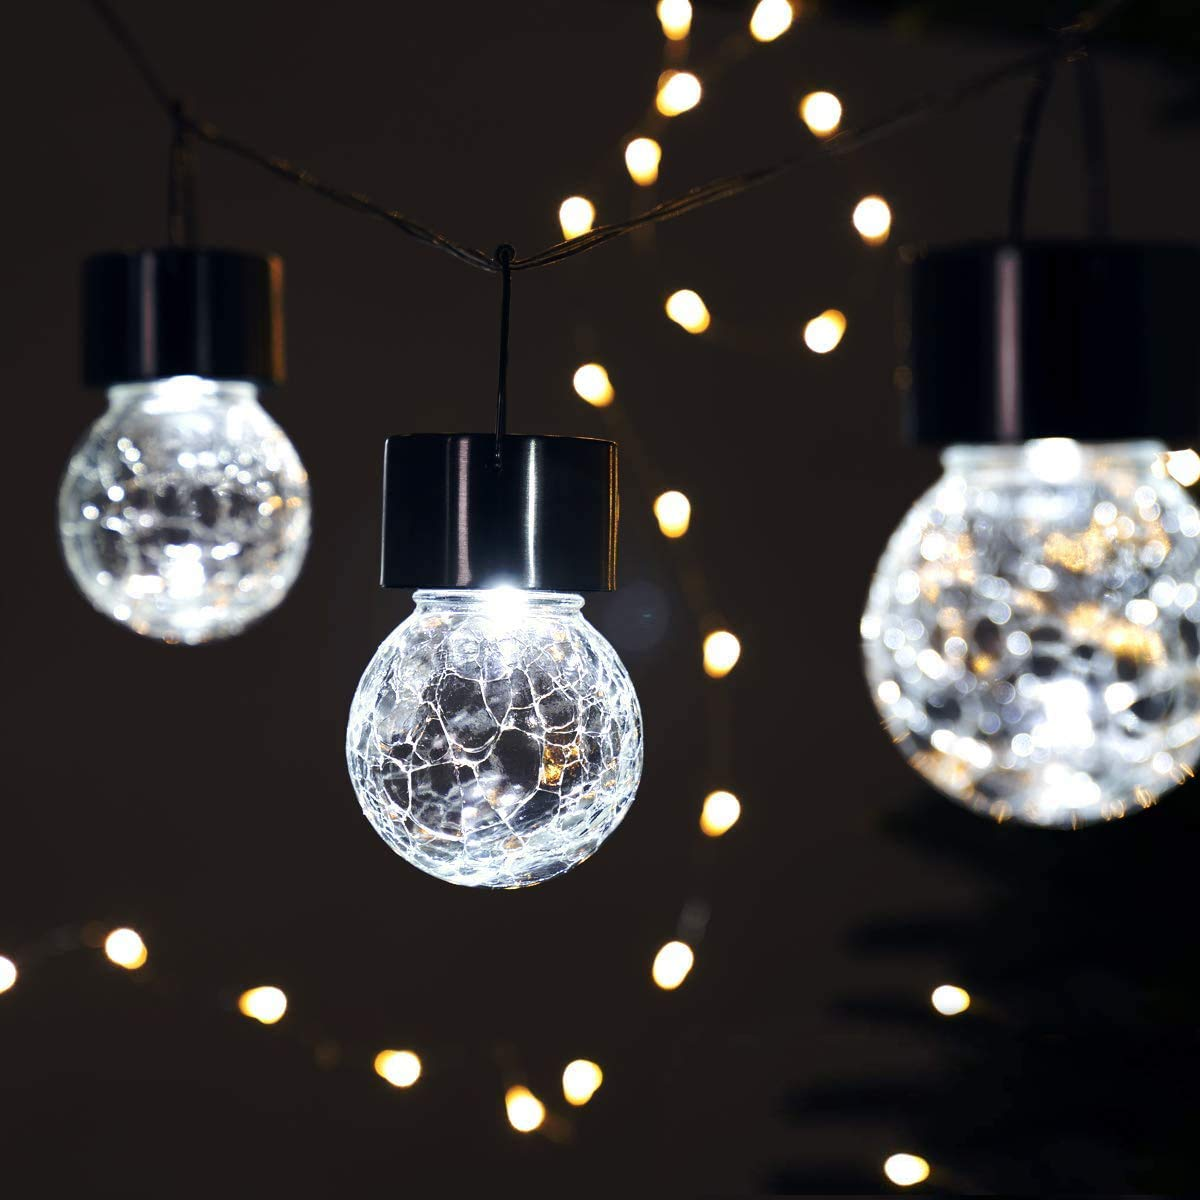 GIGALUMI Solar Hanging Lights